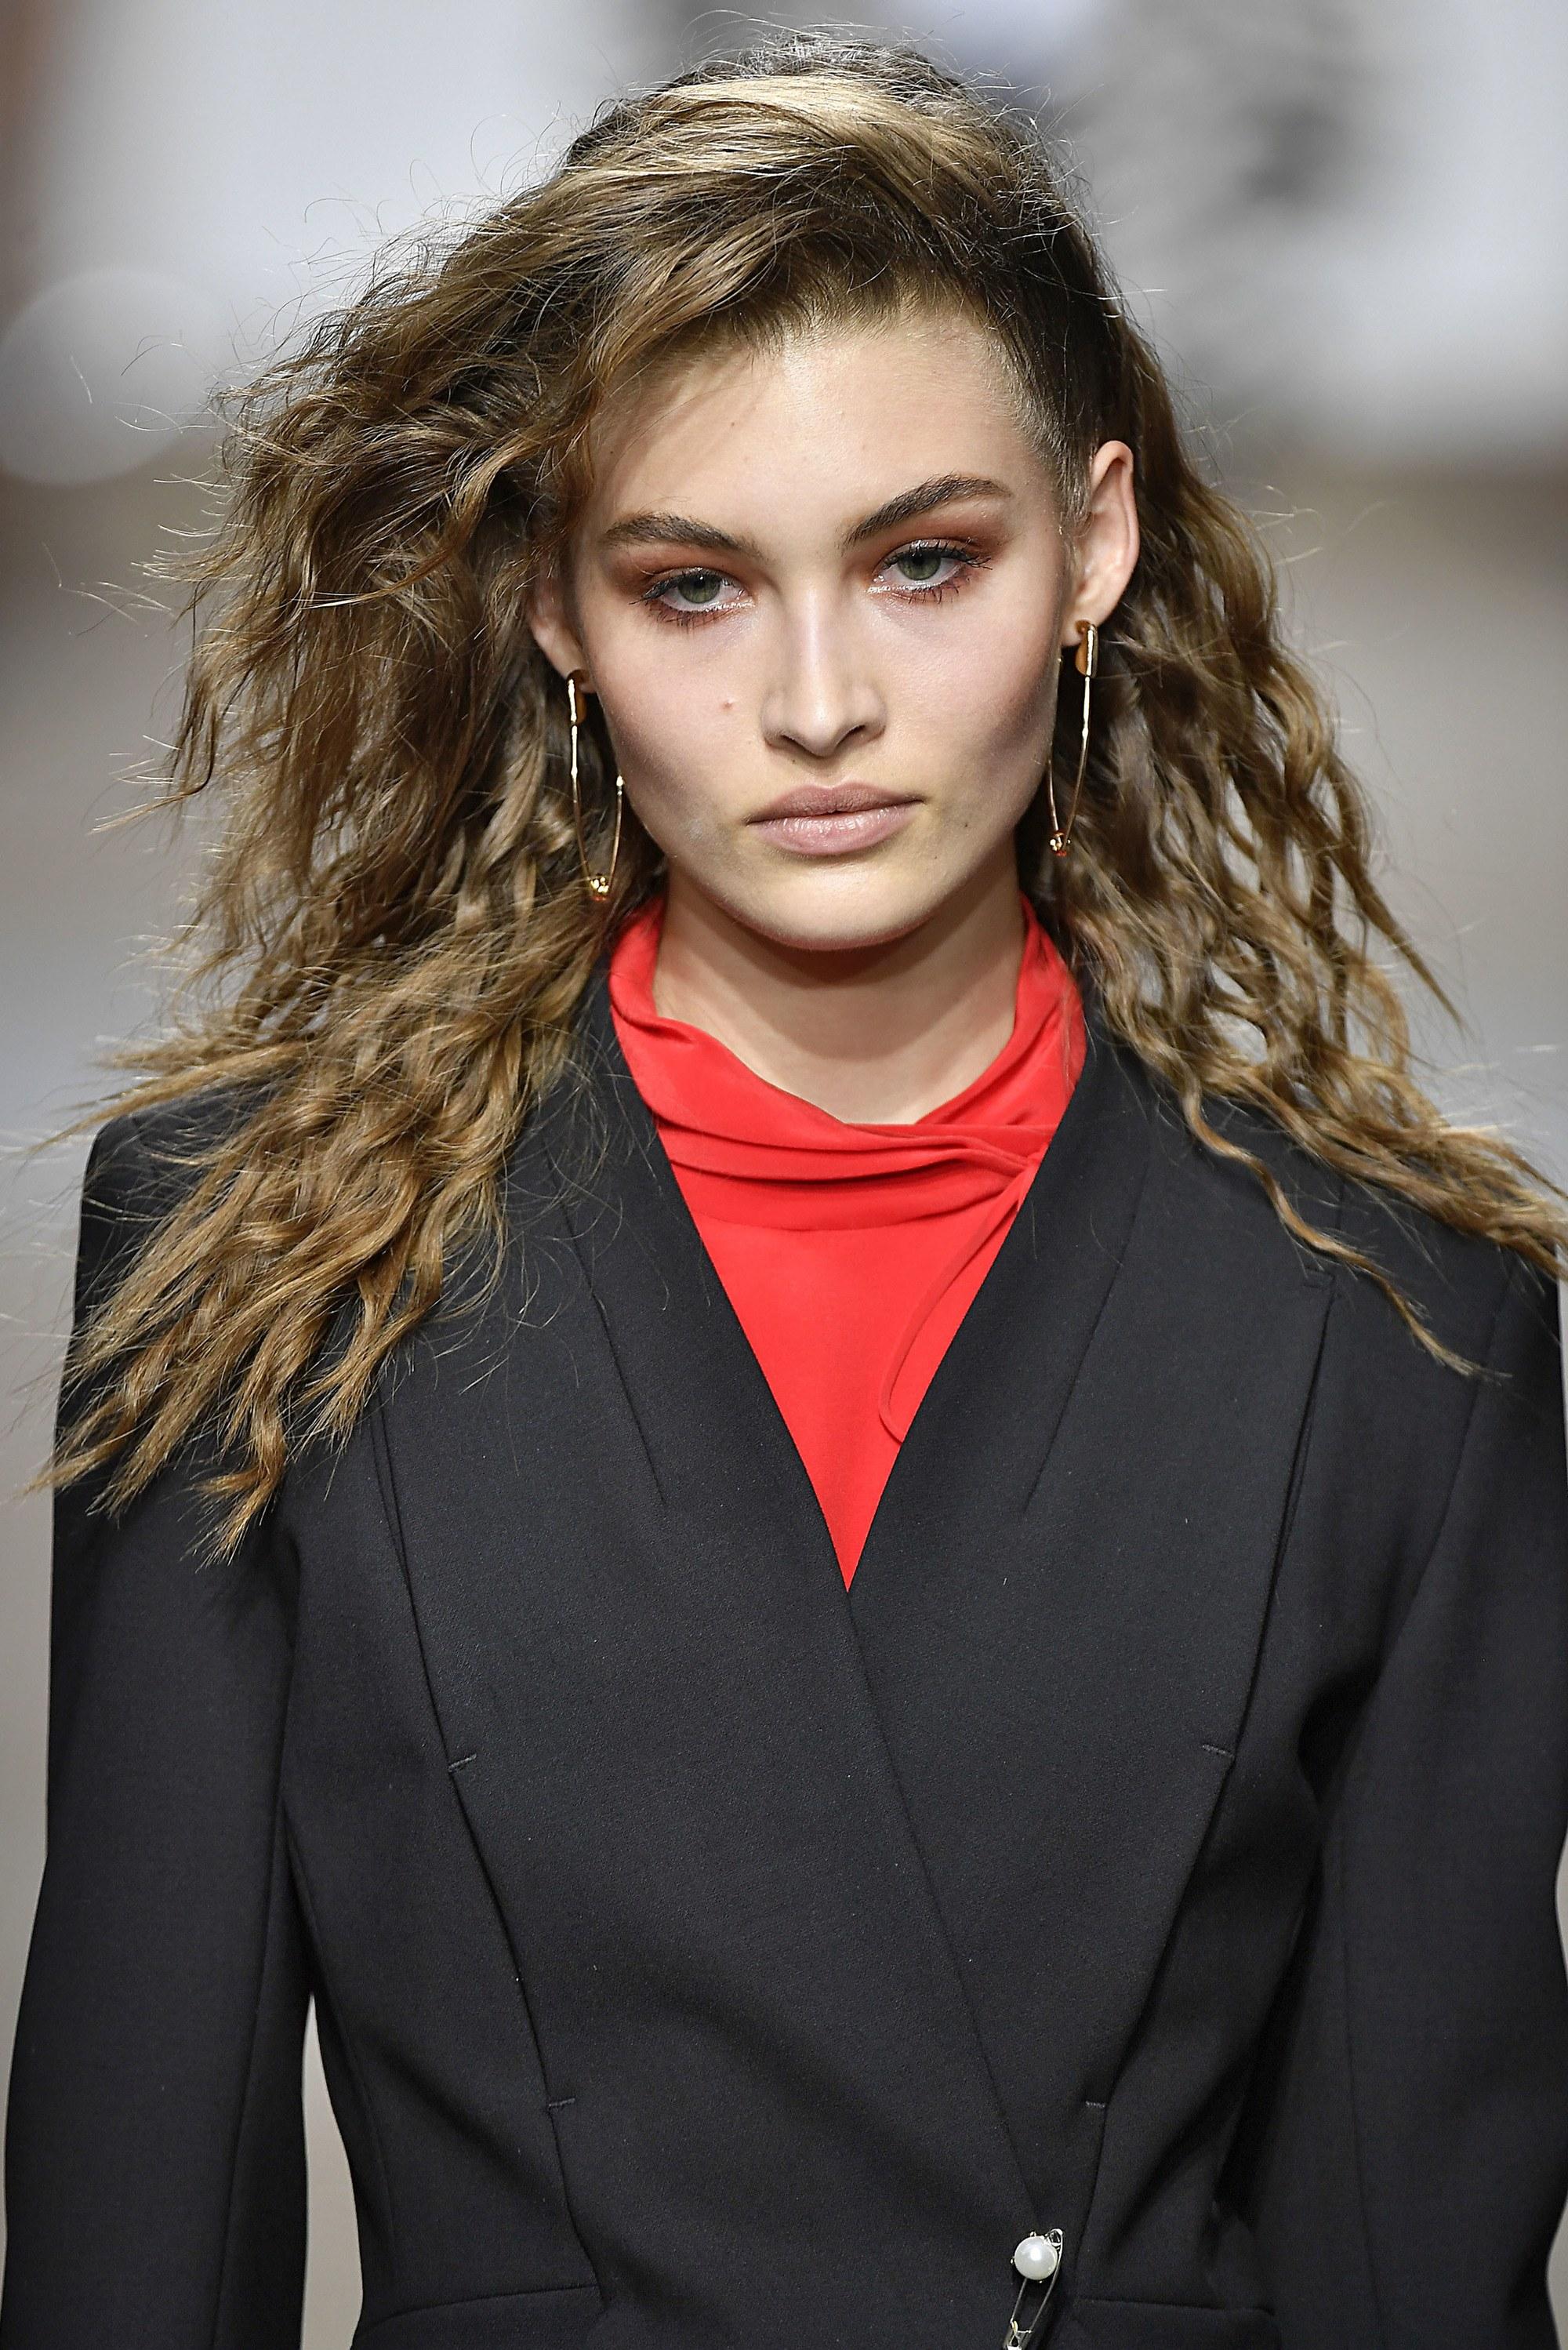 Coiffures des années 80 : modèle topshop aux cheveux longs bruns coiffés avec des vagues modernes des années 80 sur le podium